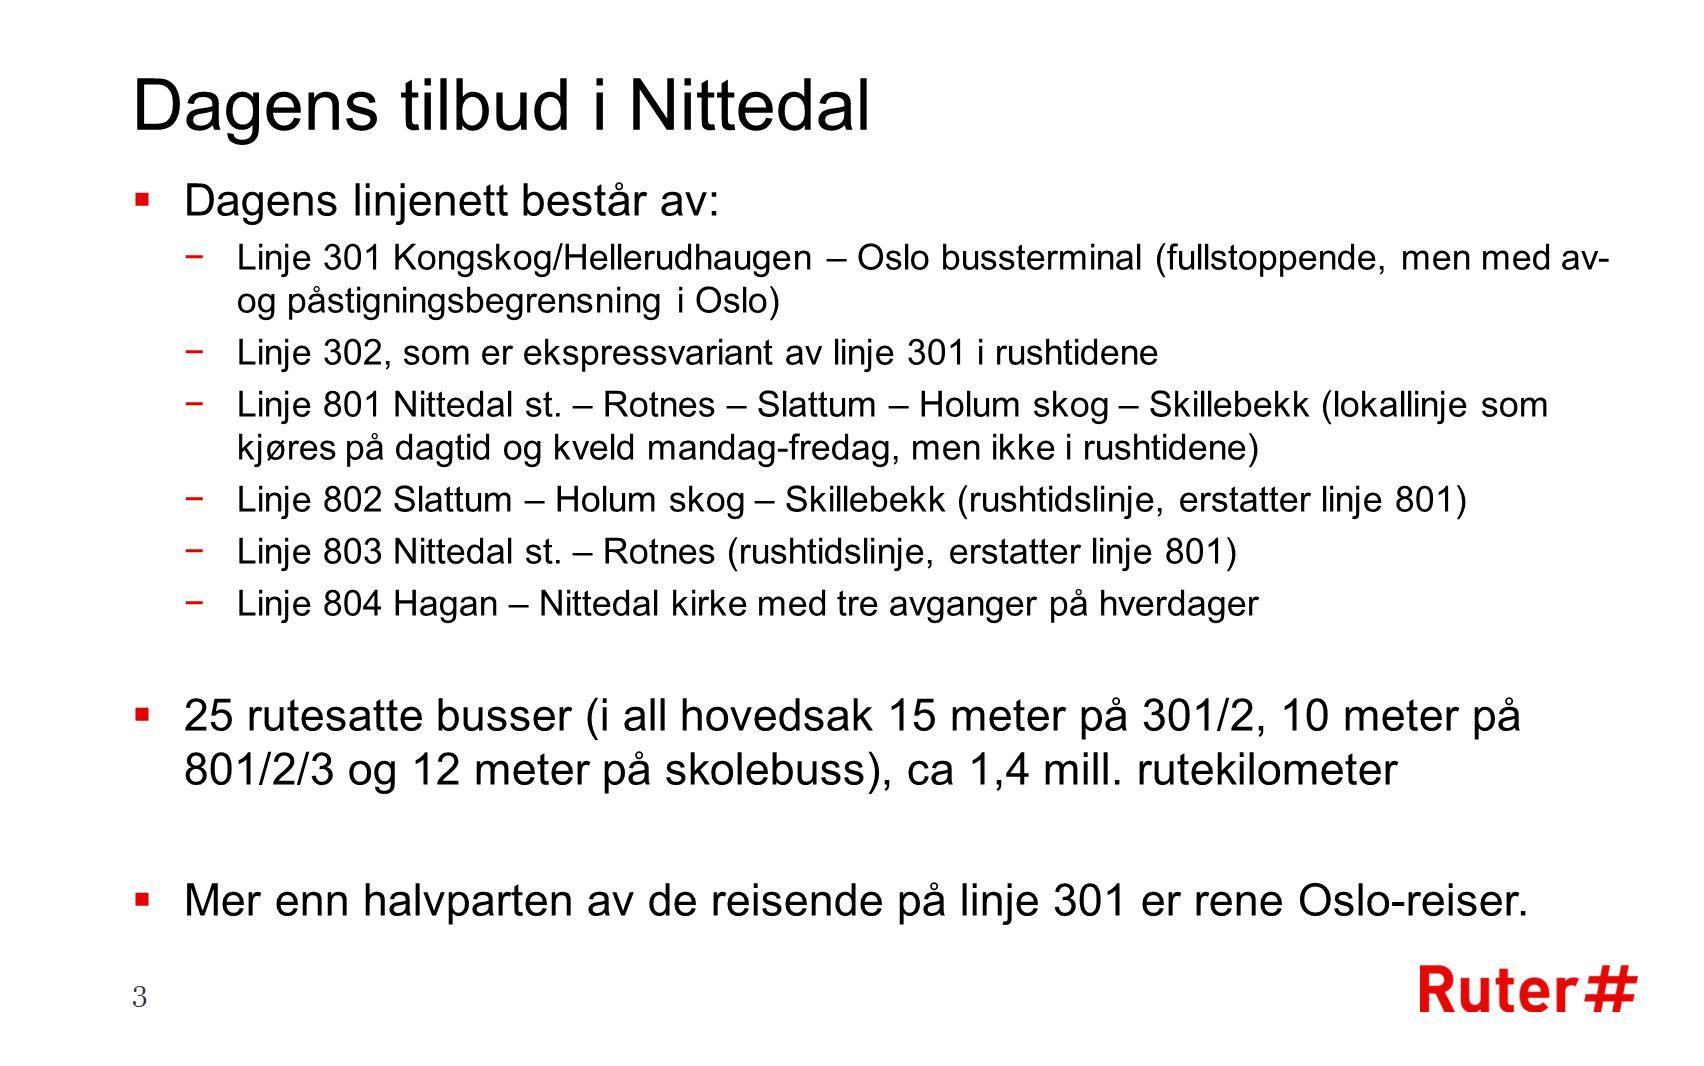 Dagens tilbud i Nittedal